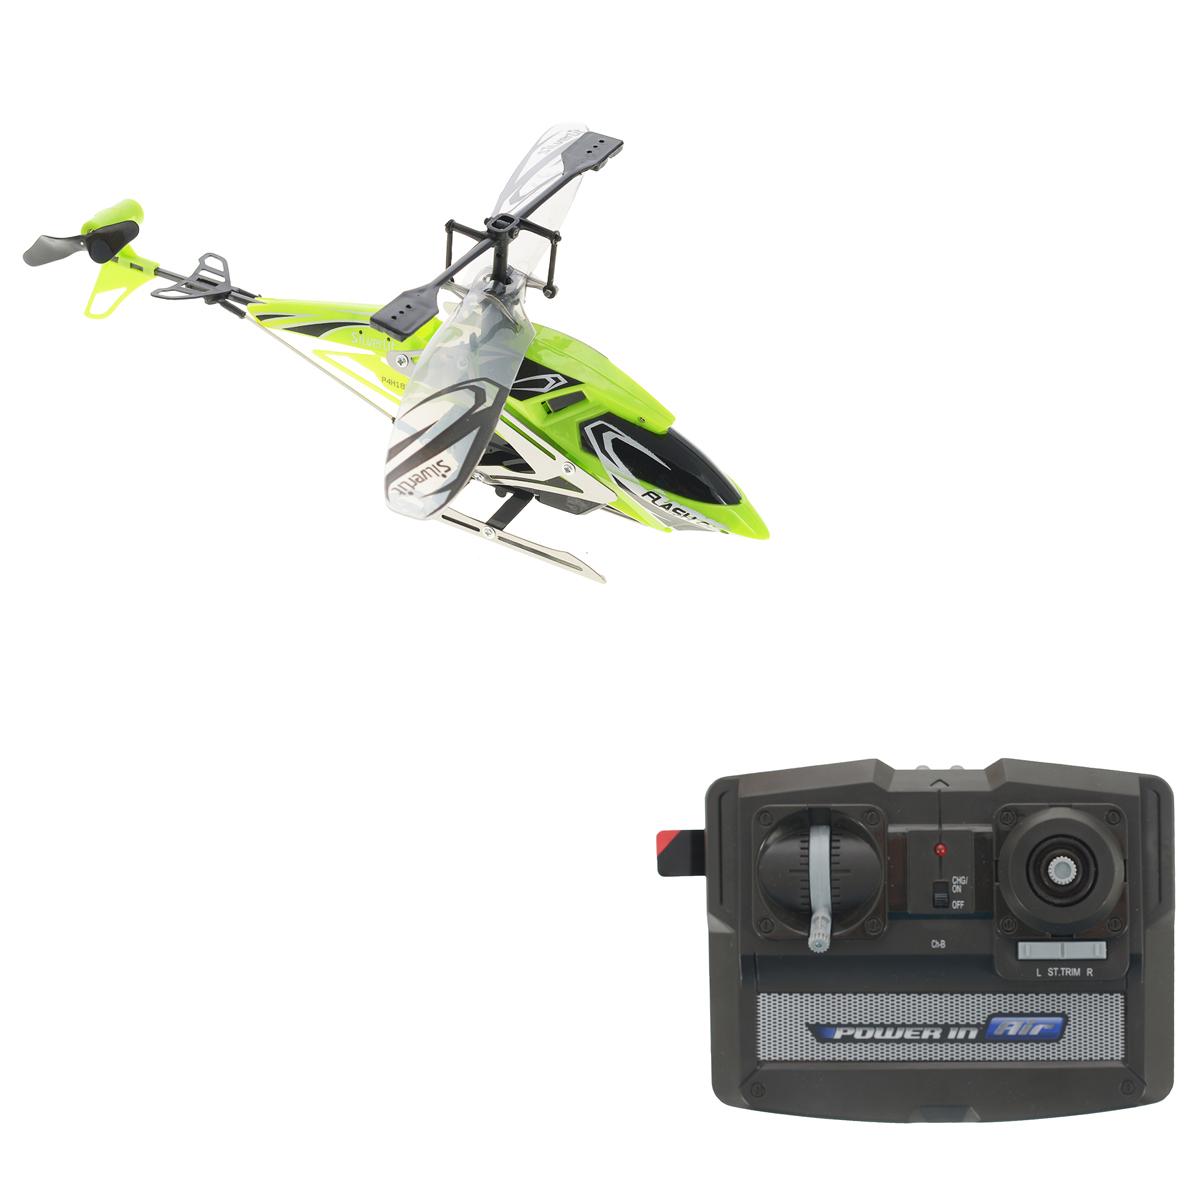 Silverlit Вертолет на радиоуправлении Штурмовик цвет зеленый самолеты и вертолеты silverlit вертолет 3 х канальный heli sniper 2 со стрелами зеленый